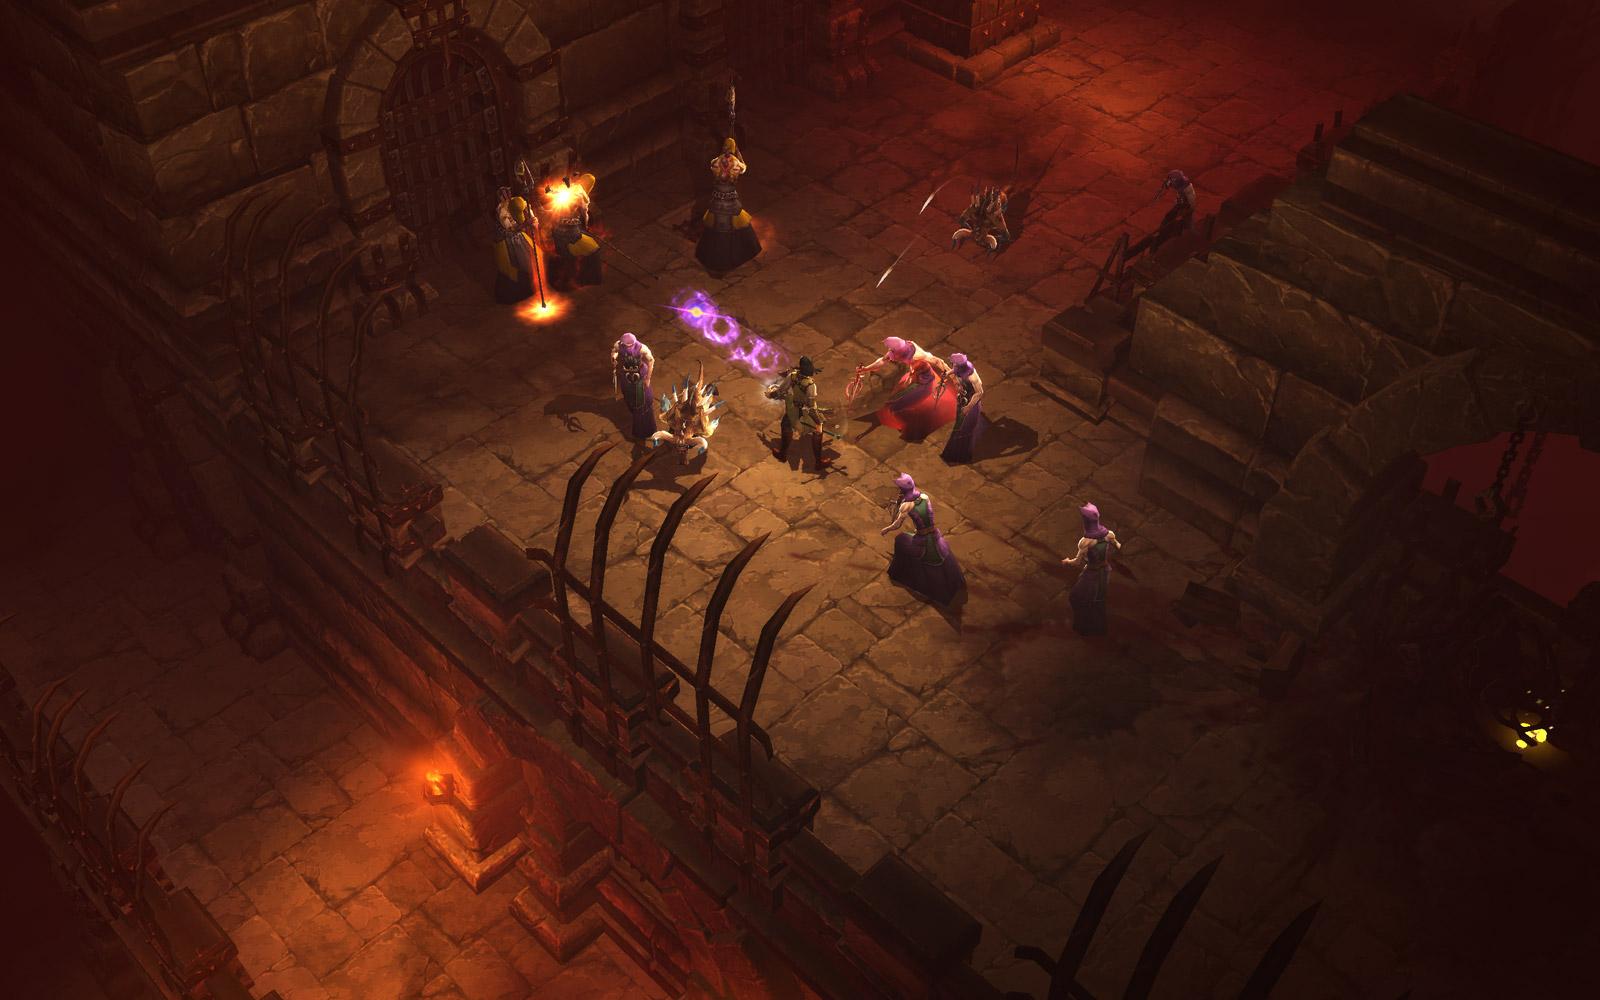 Blizzard anuncia, finalmente, el Beta de Diablo III [OMG!]